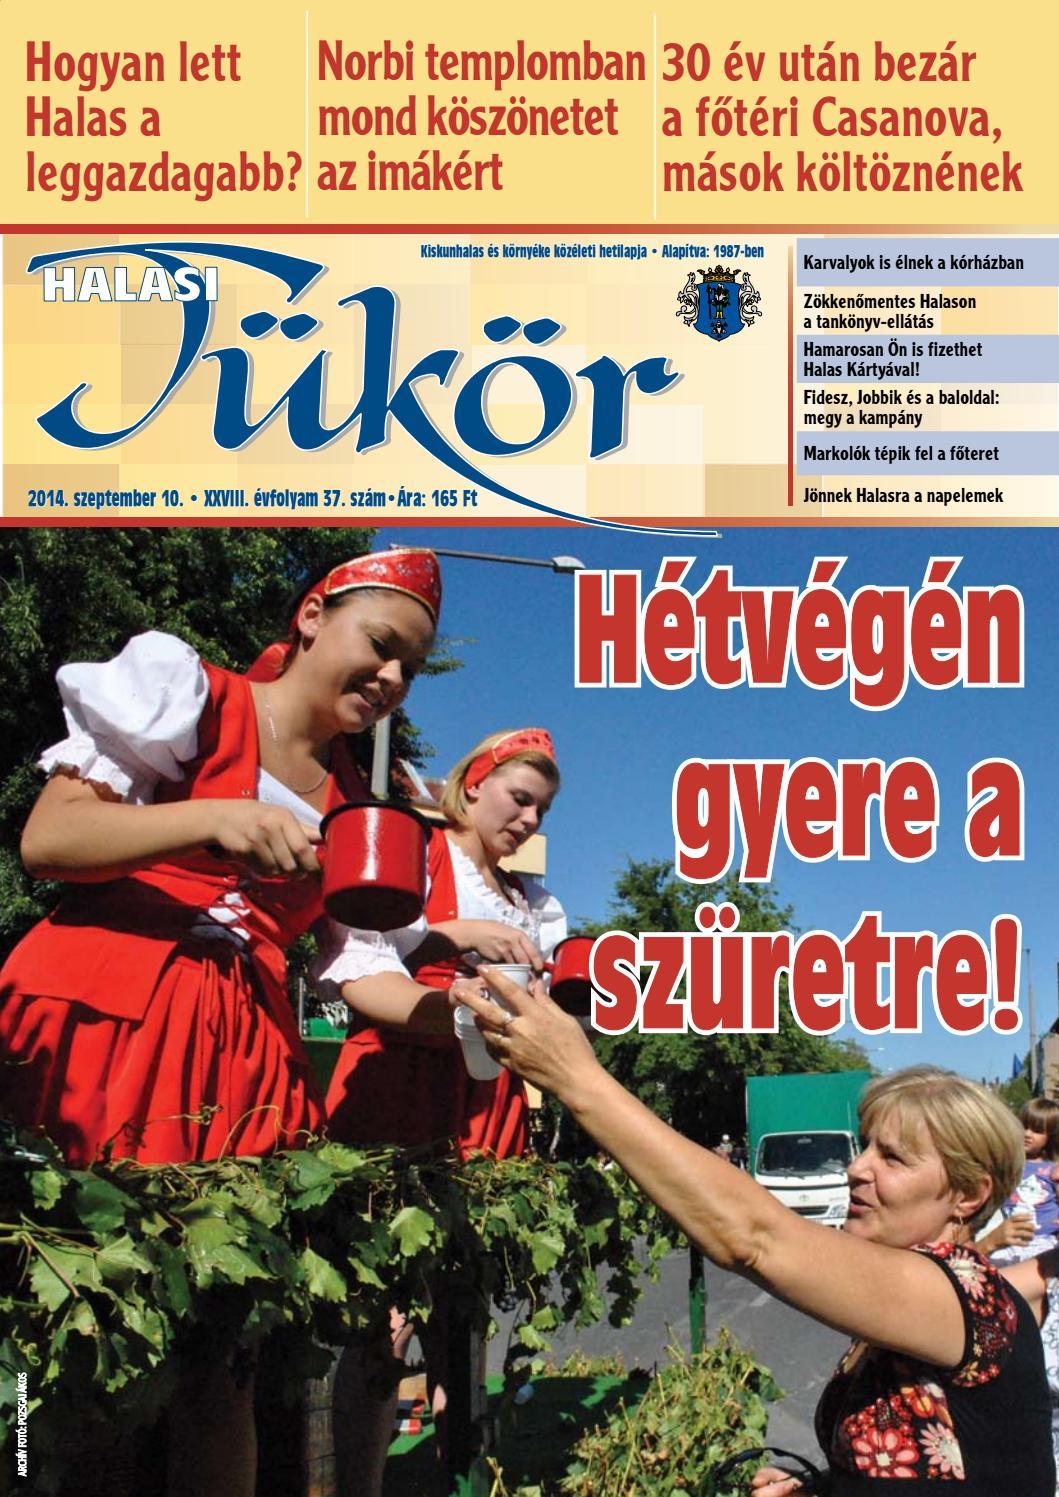 1f55f7641f XXVIII. évf. 37. szám 2014. szeptember 10. by Halasi Tükör - issuu